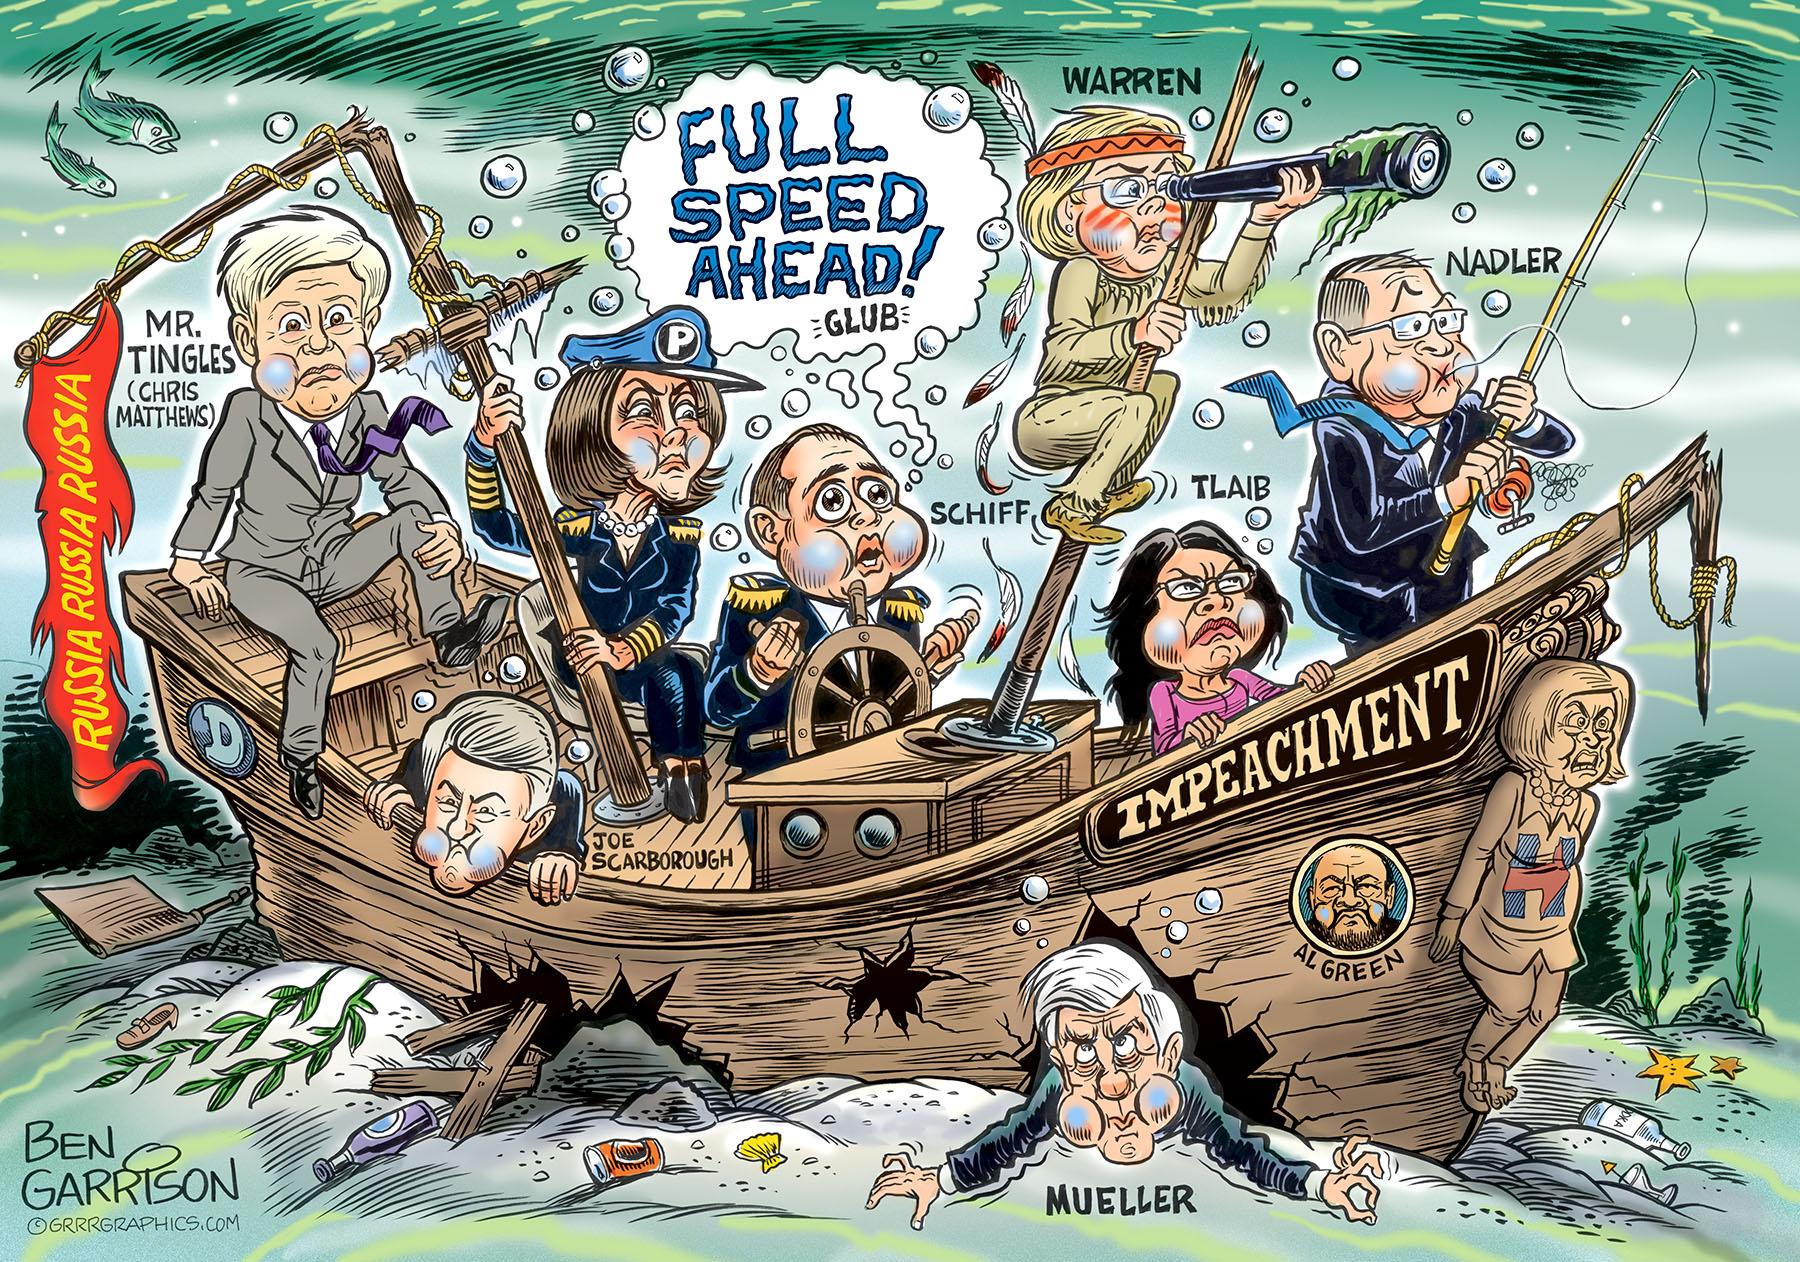 democrats_hopes_sink.jpg